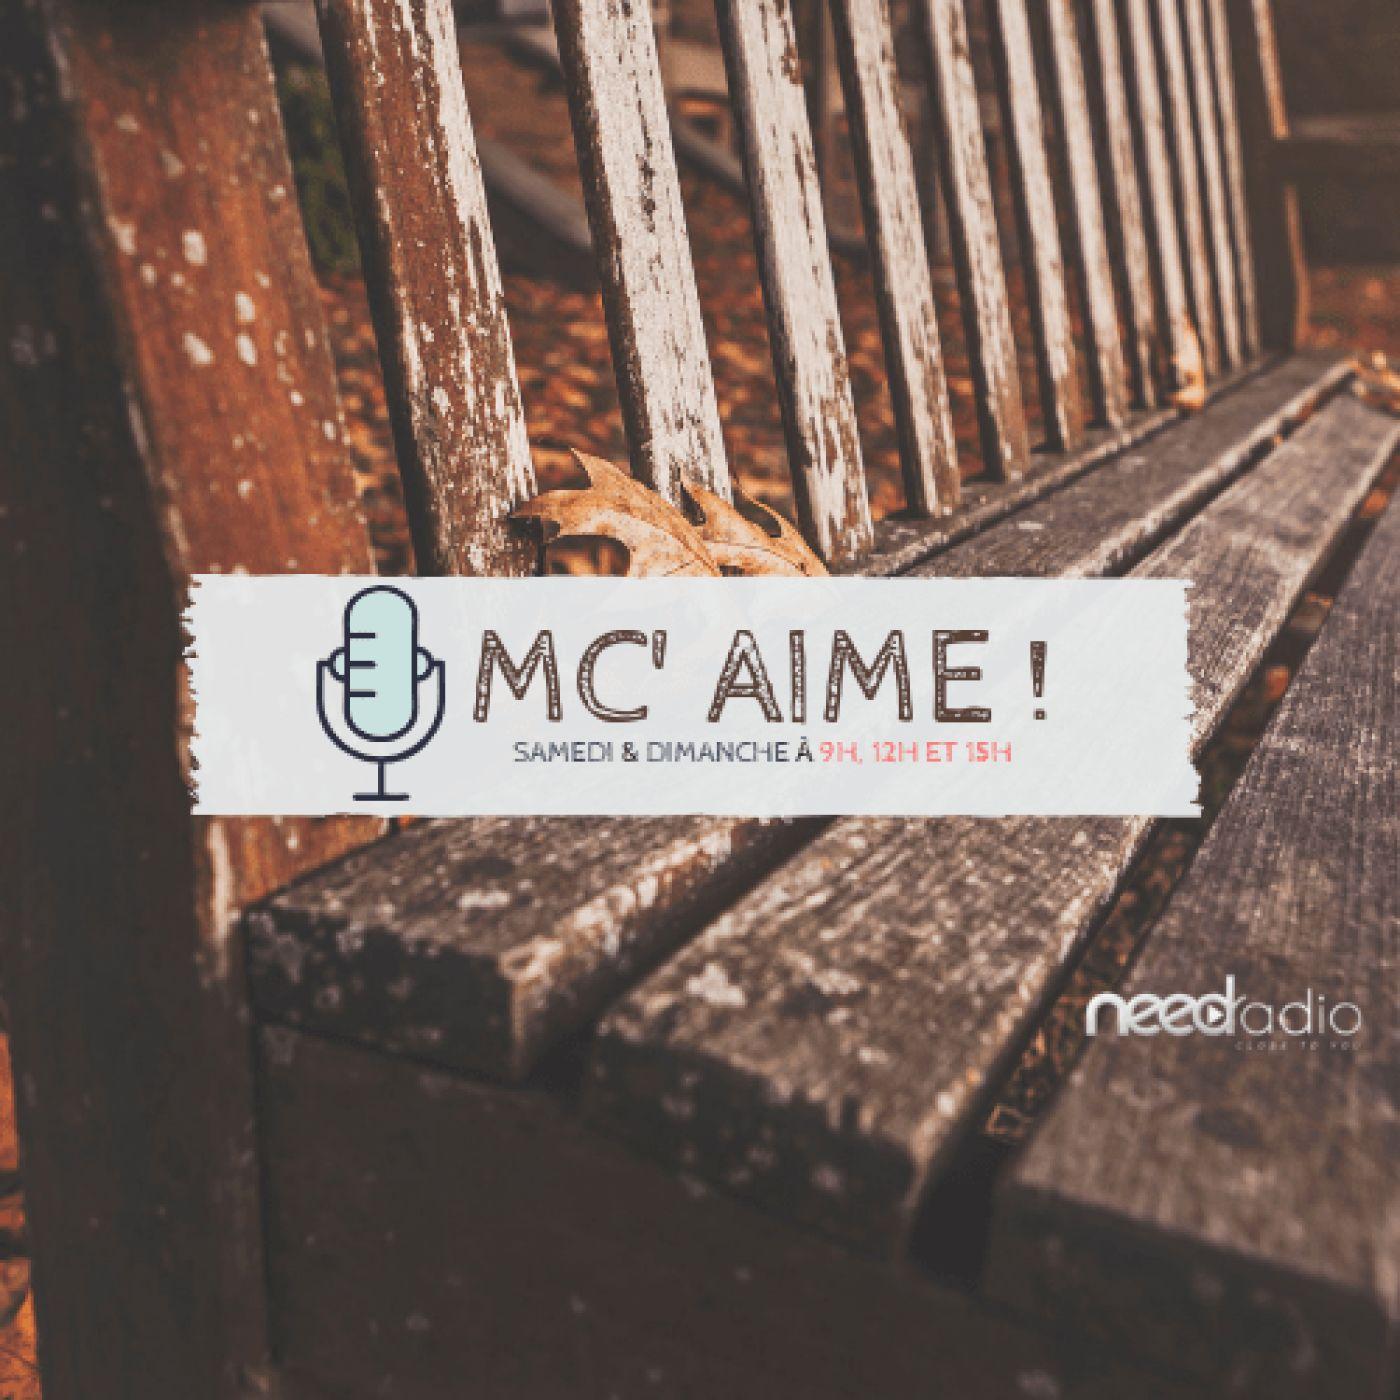 MC' Aime - Les Jardins partagés (26/05/19)